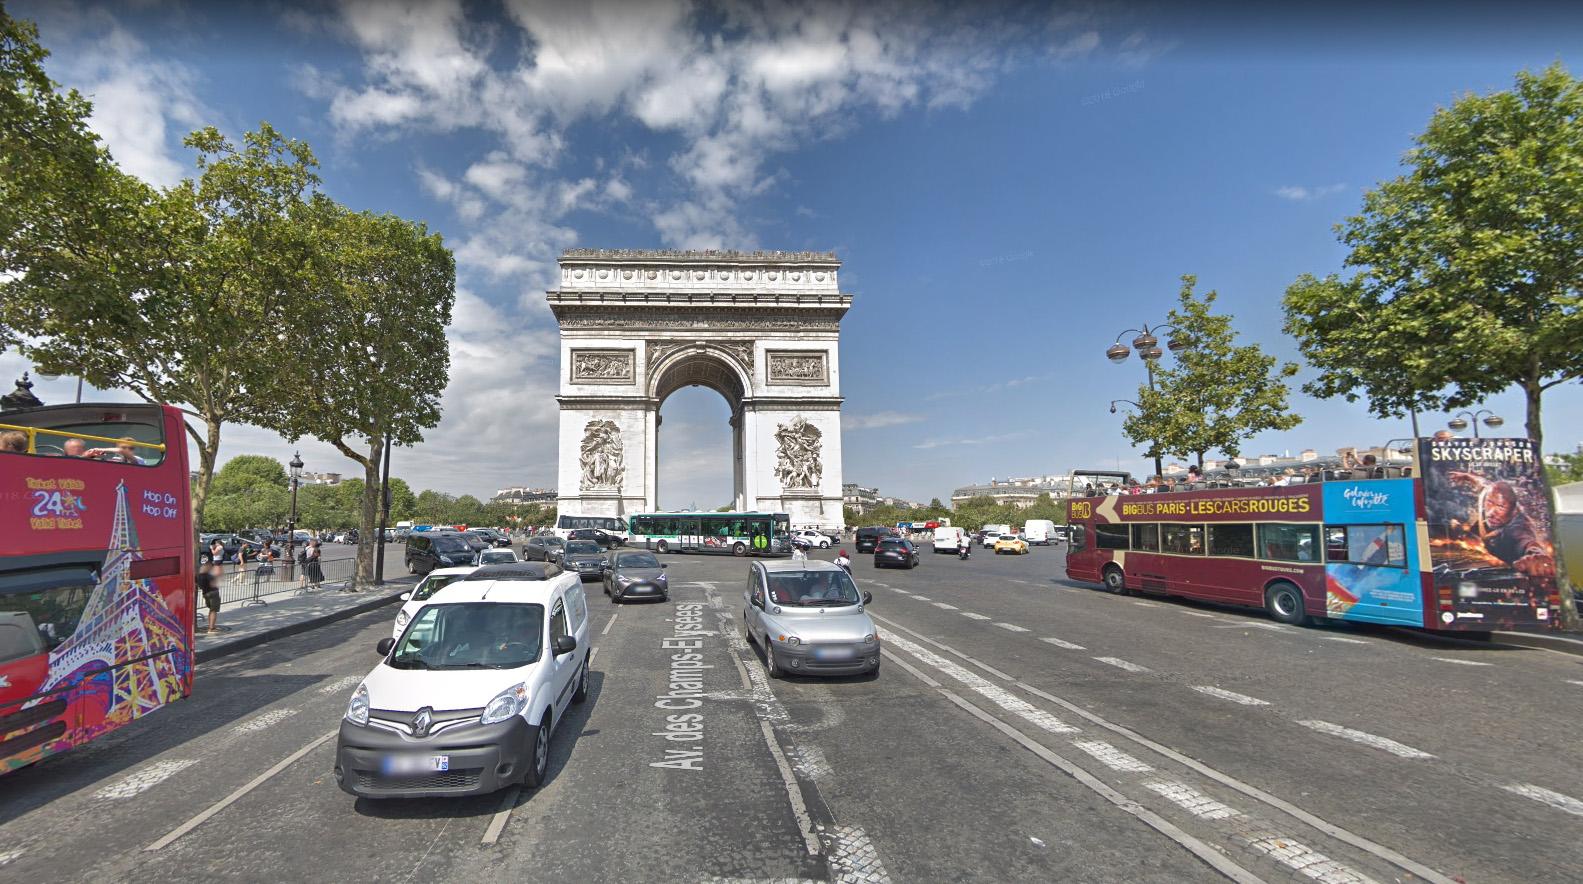 Les Champs-4